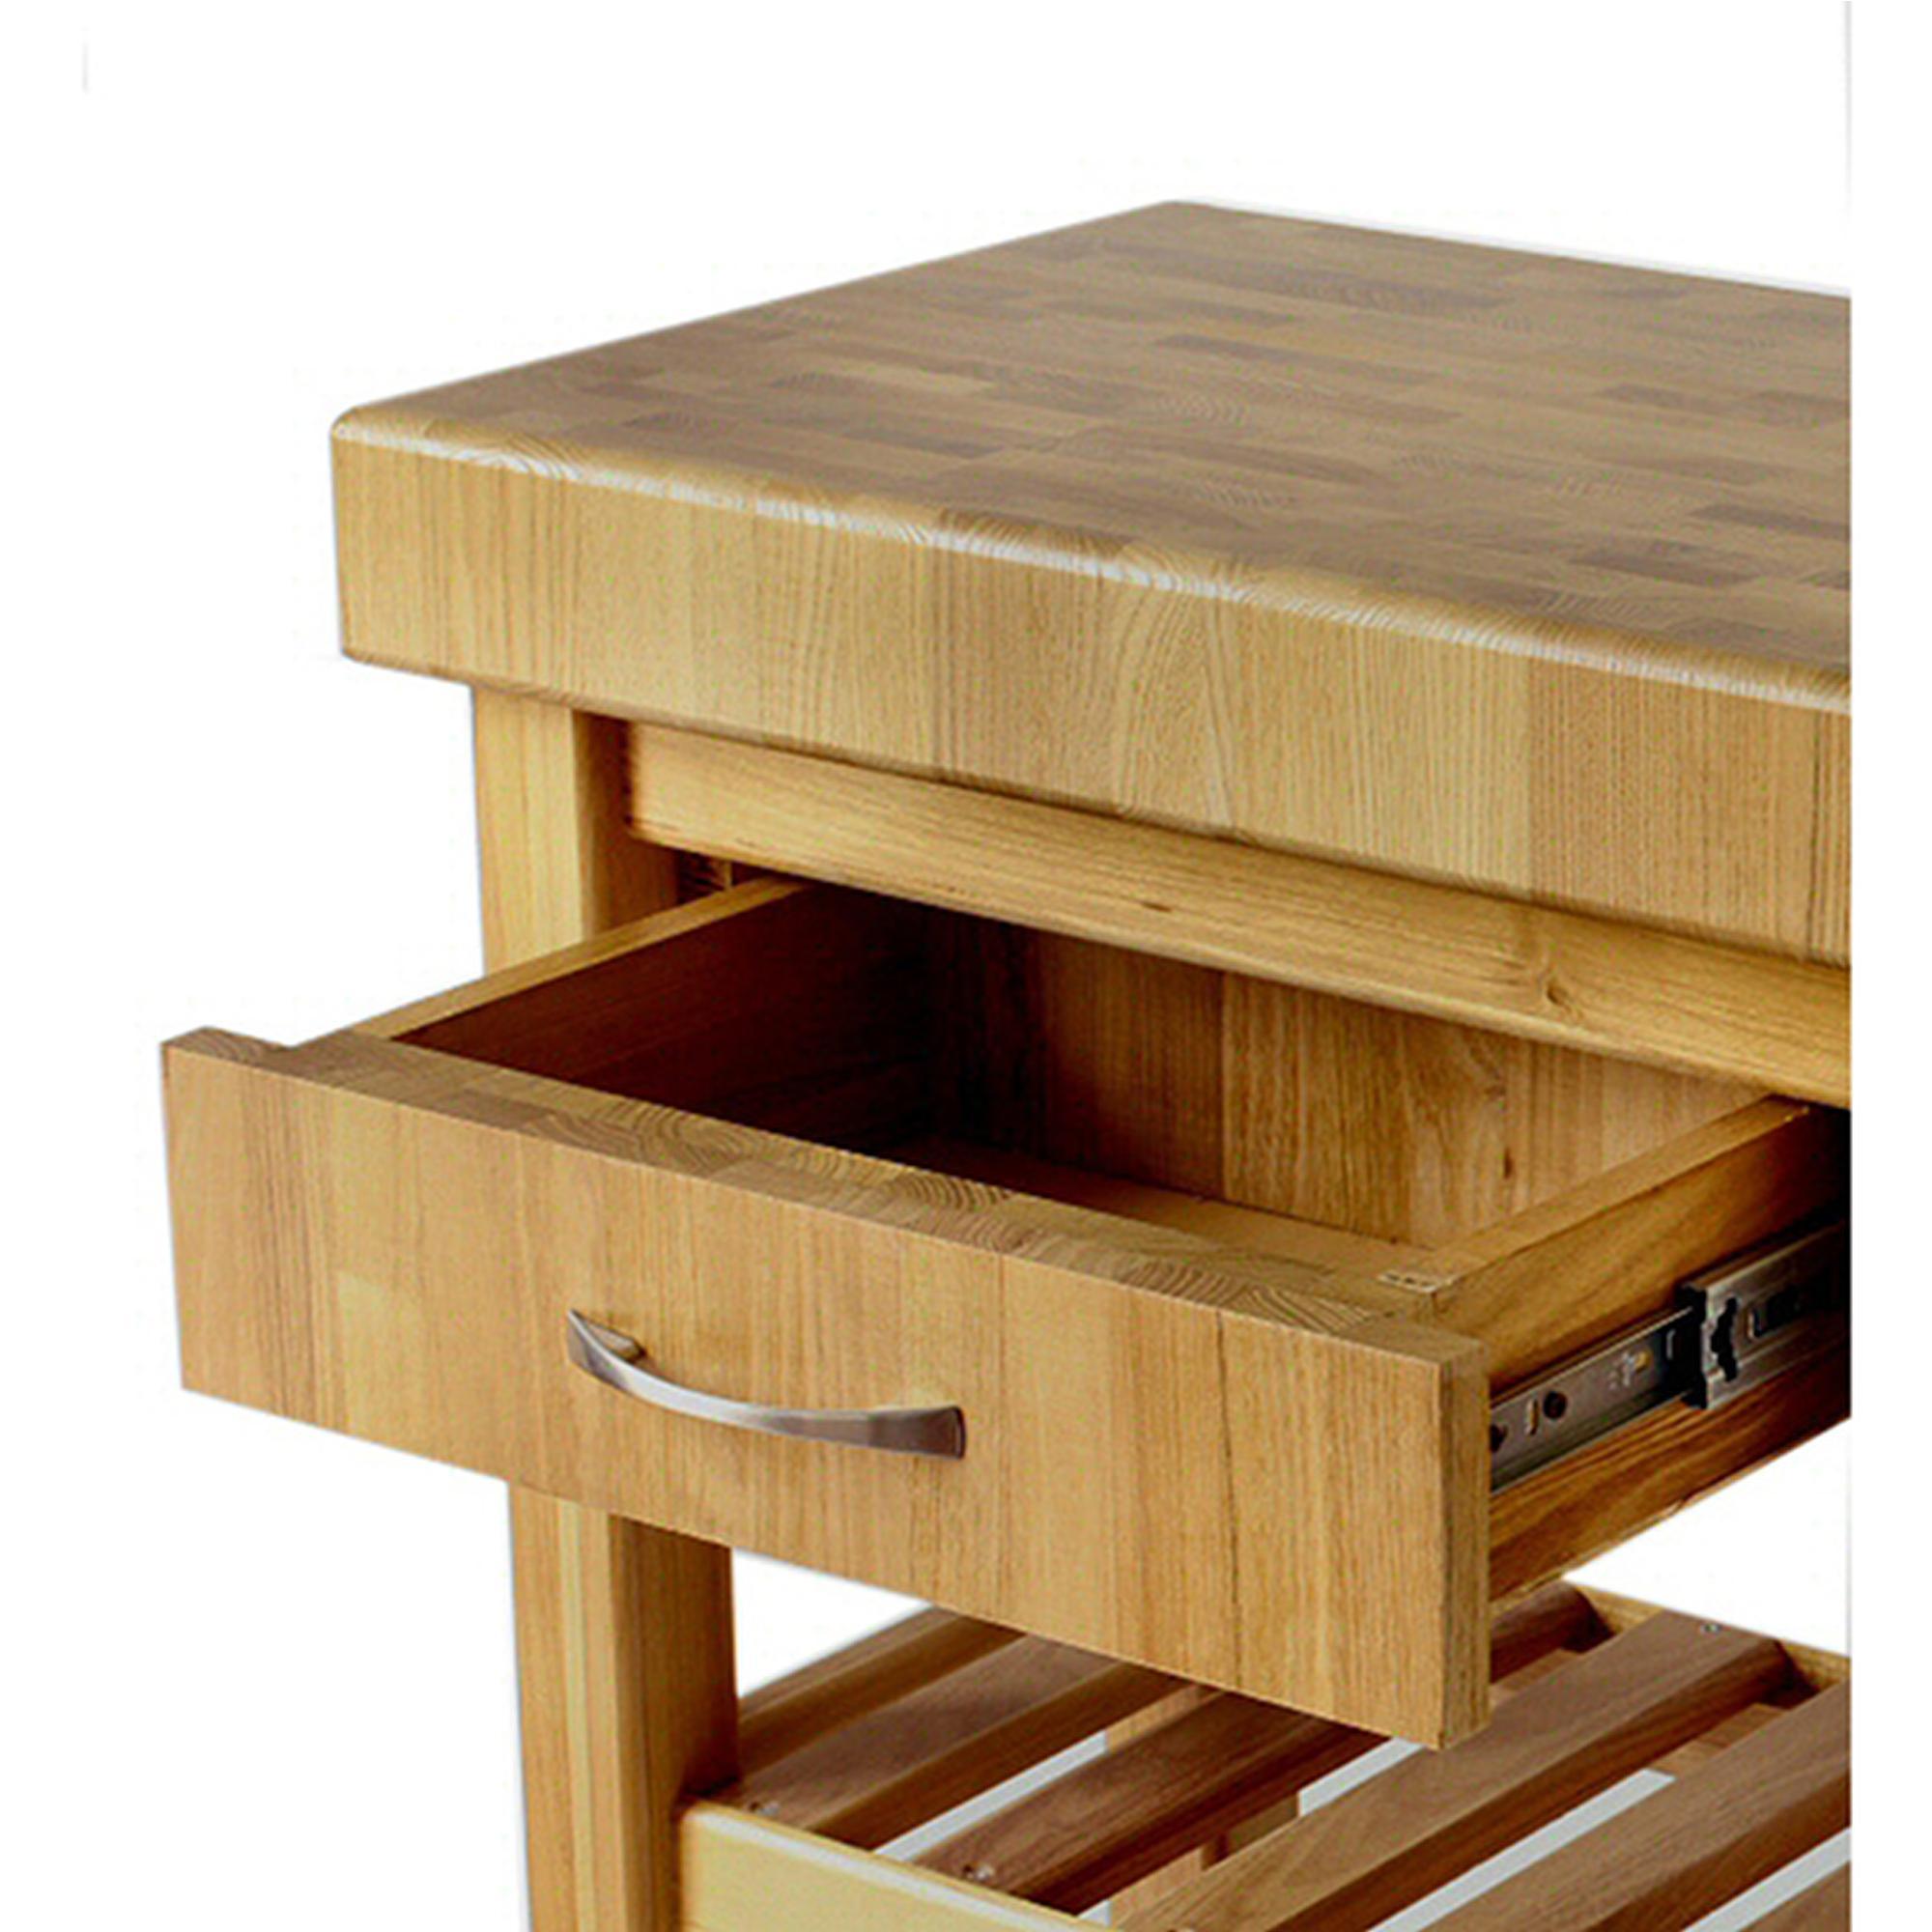 Carrello da cucina in legno massello con cassetto 50x50xh85 cm con ...